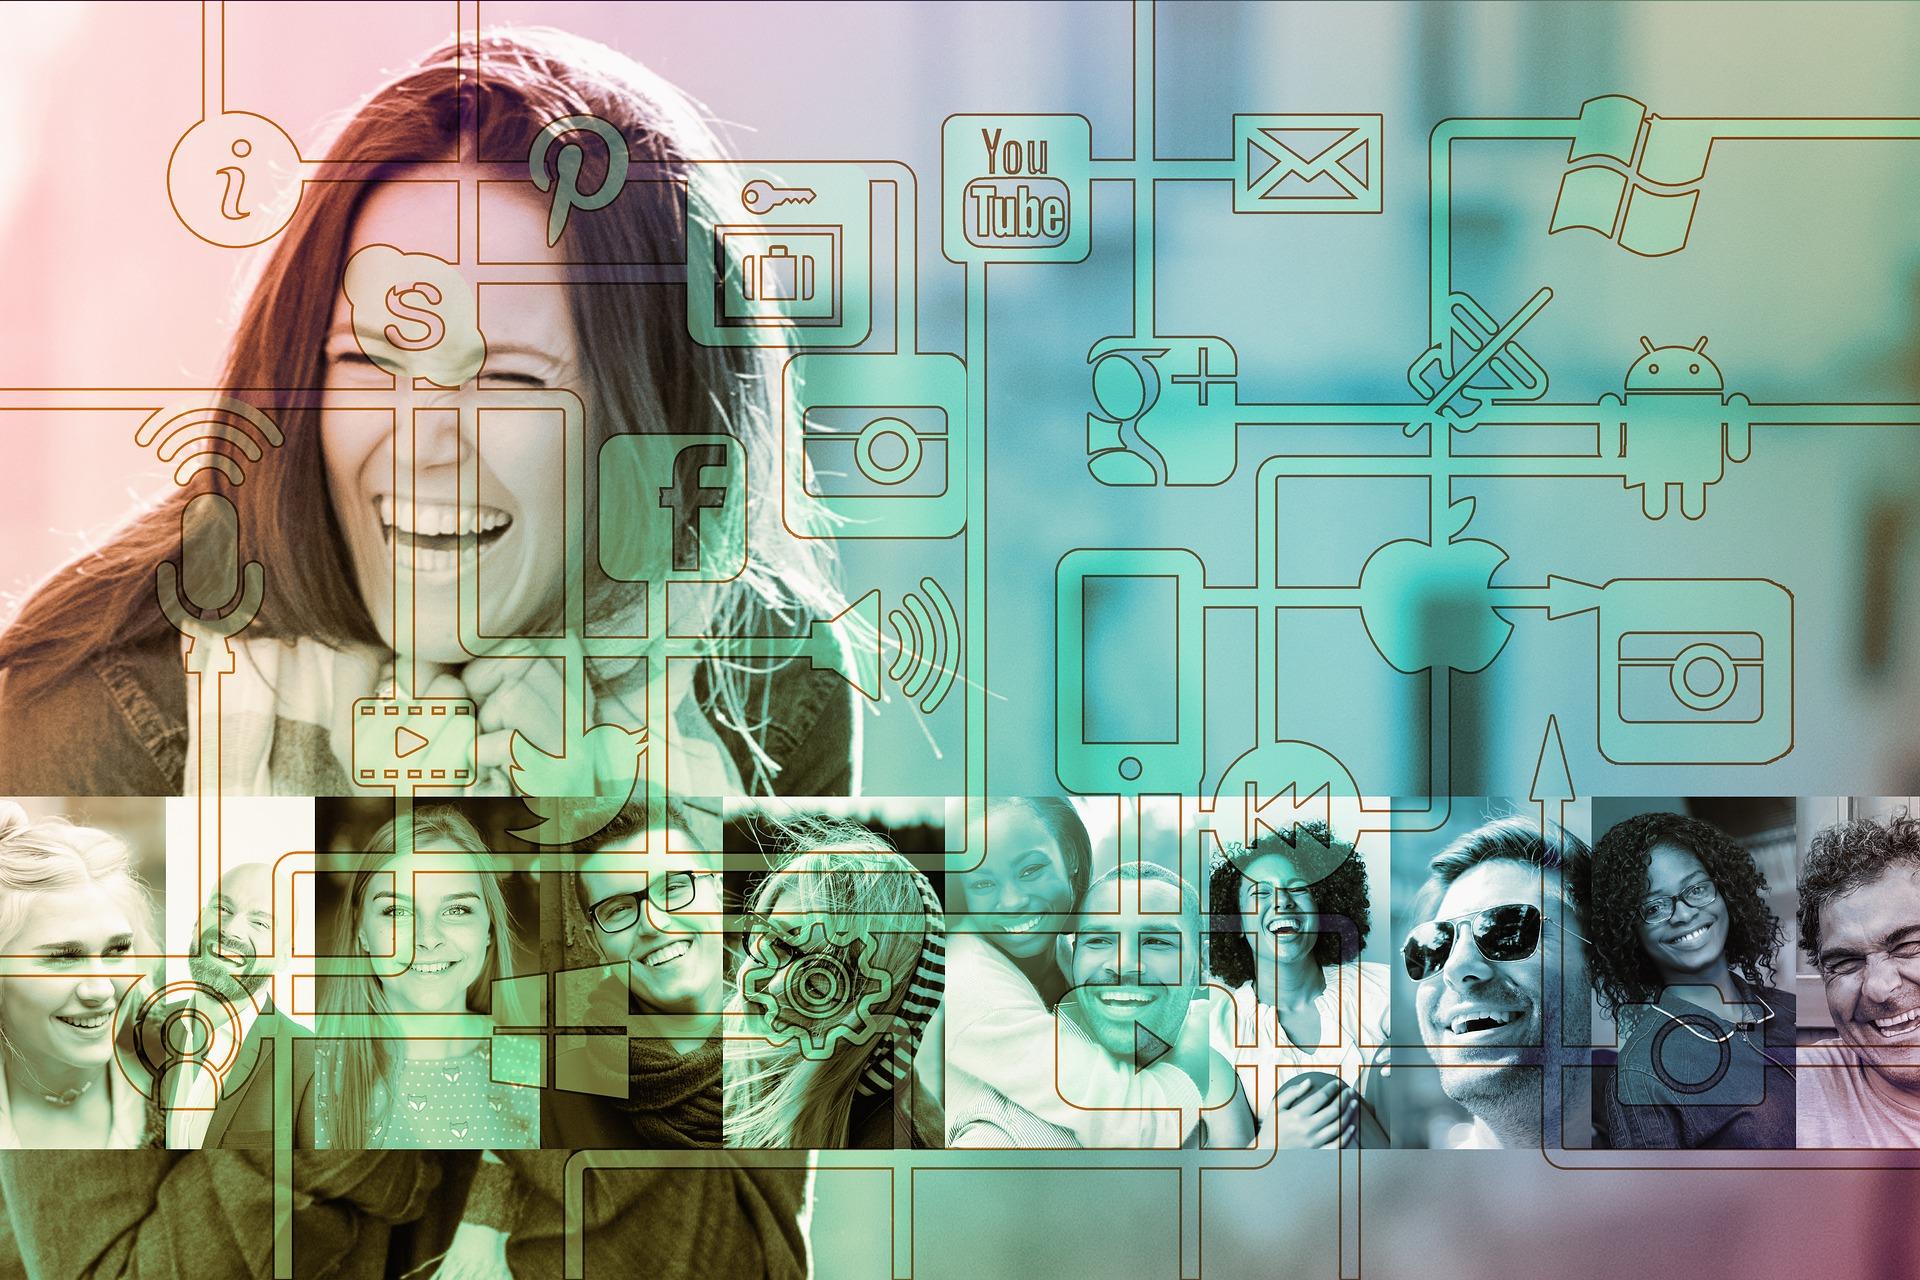 Réseaux sociaux et sourires partagés